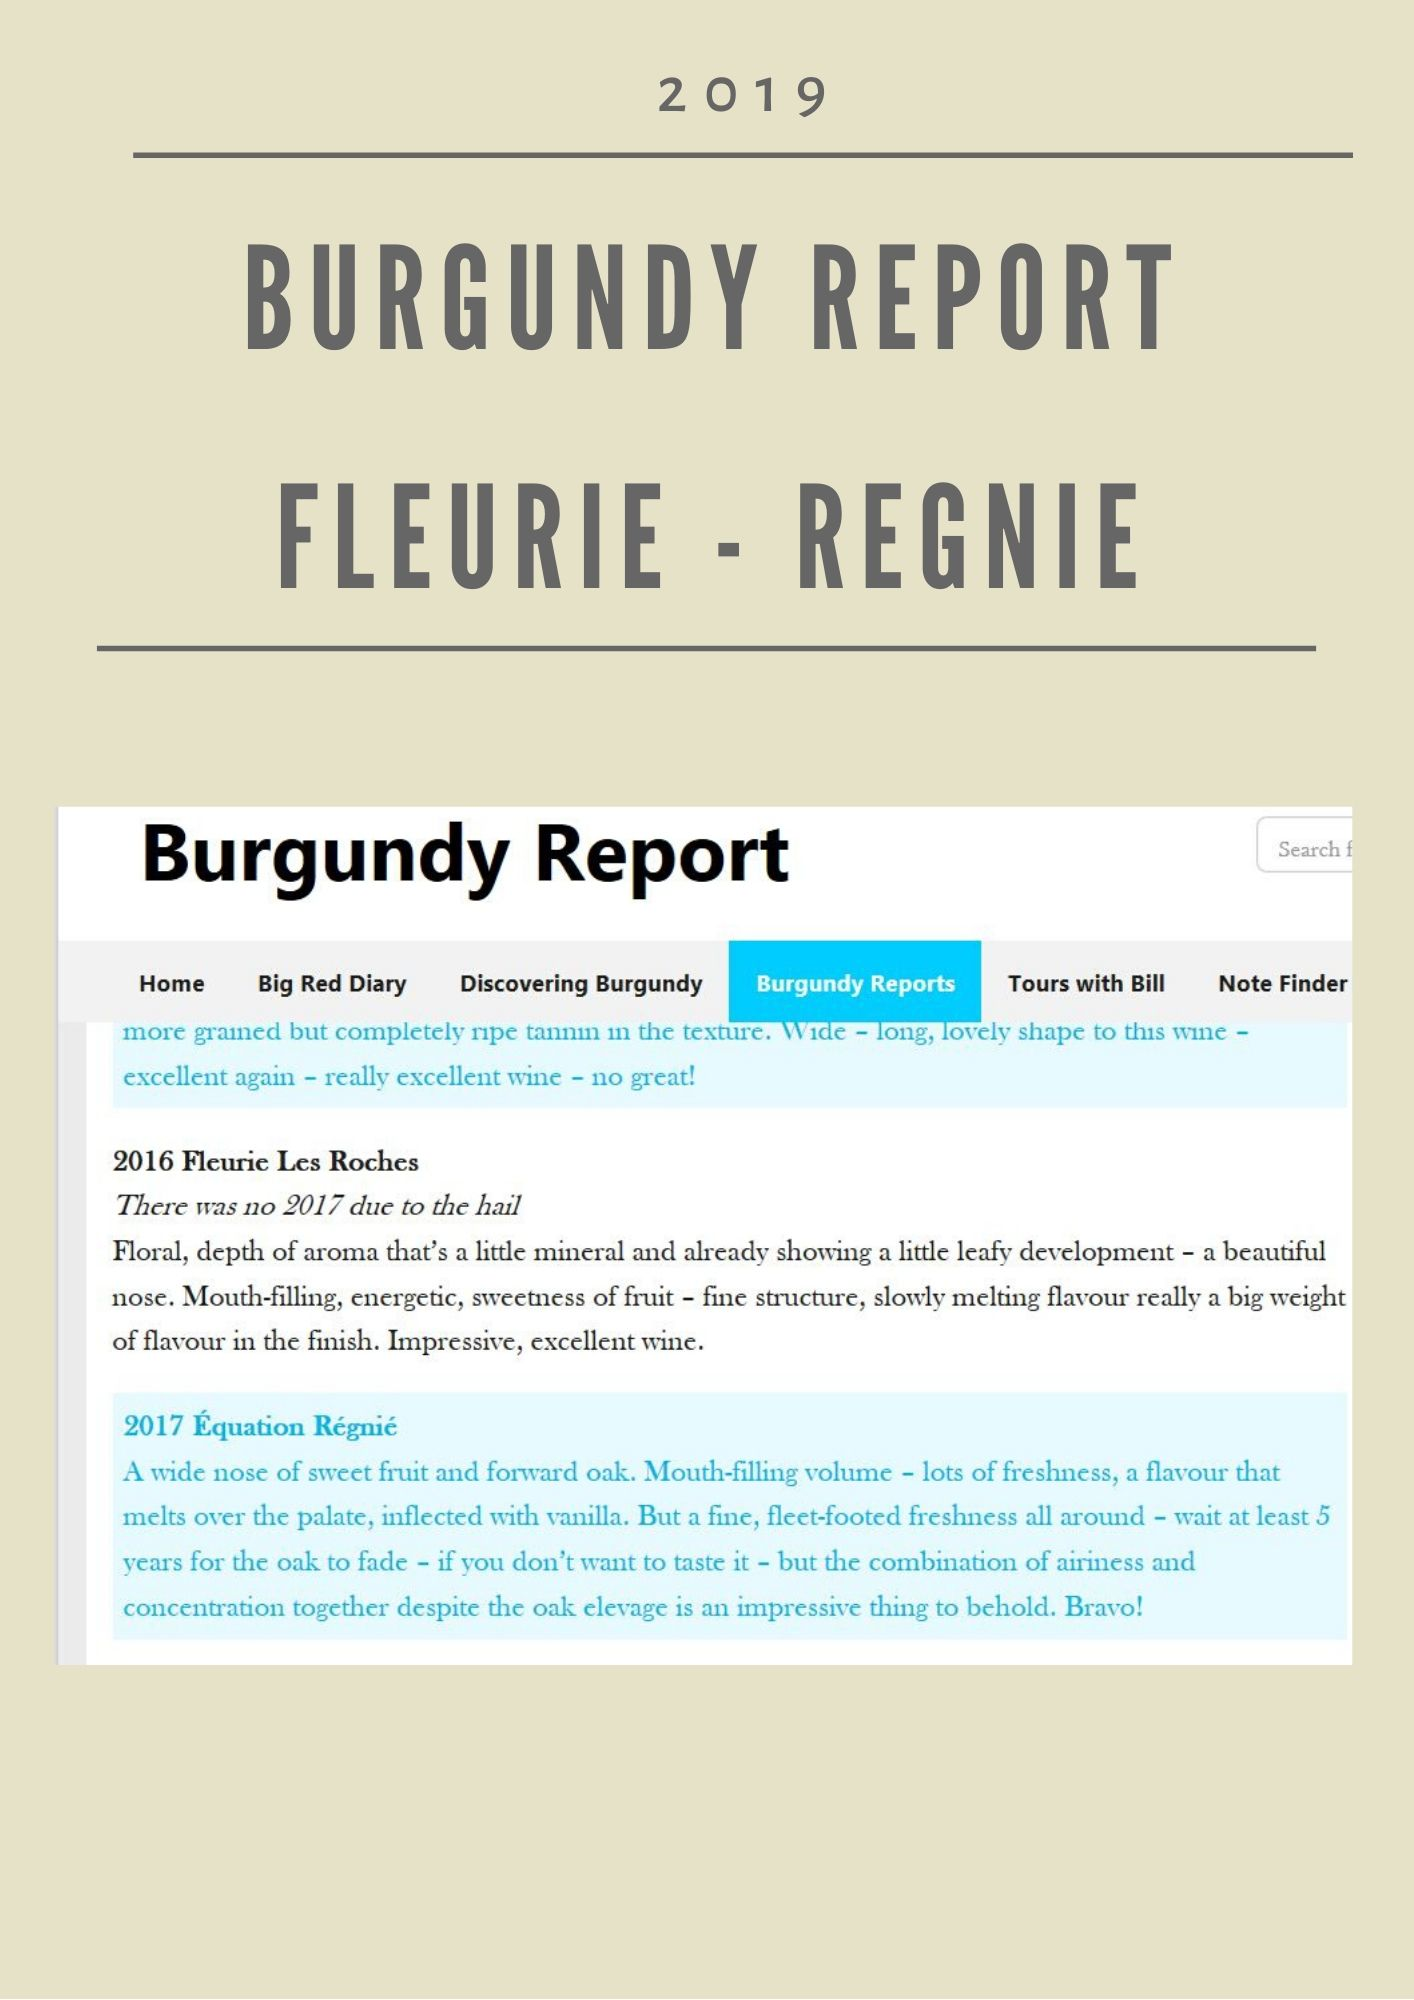 Burgundy Report - Fleurie & Regnié